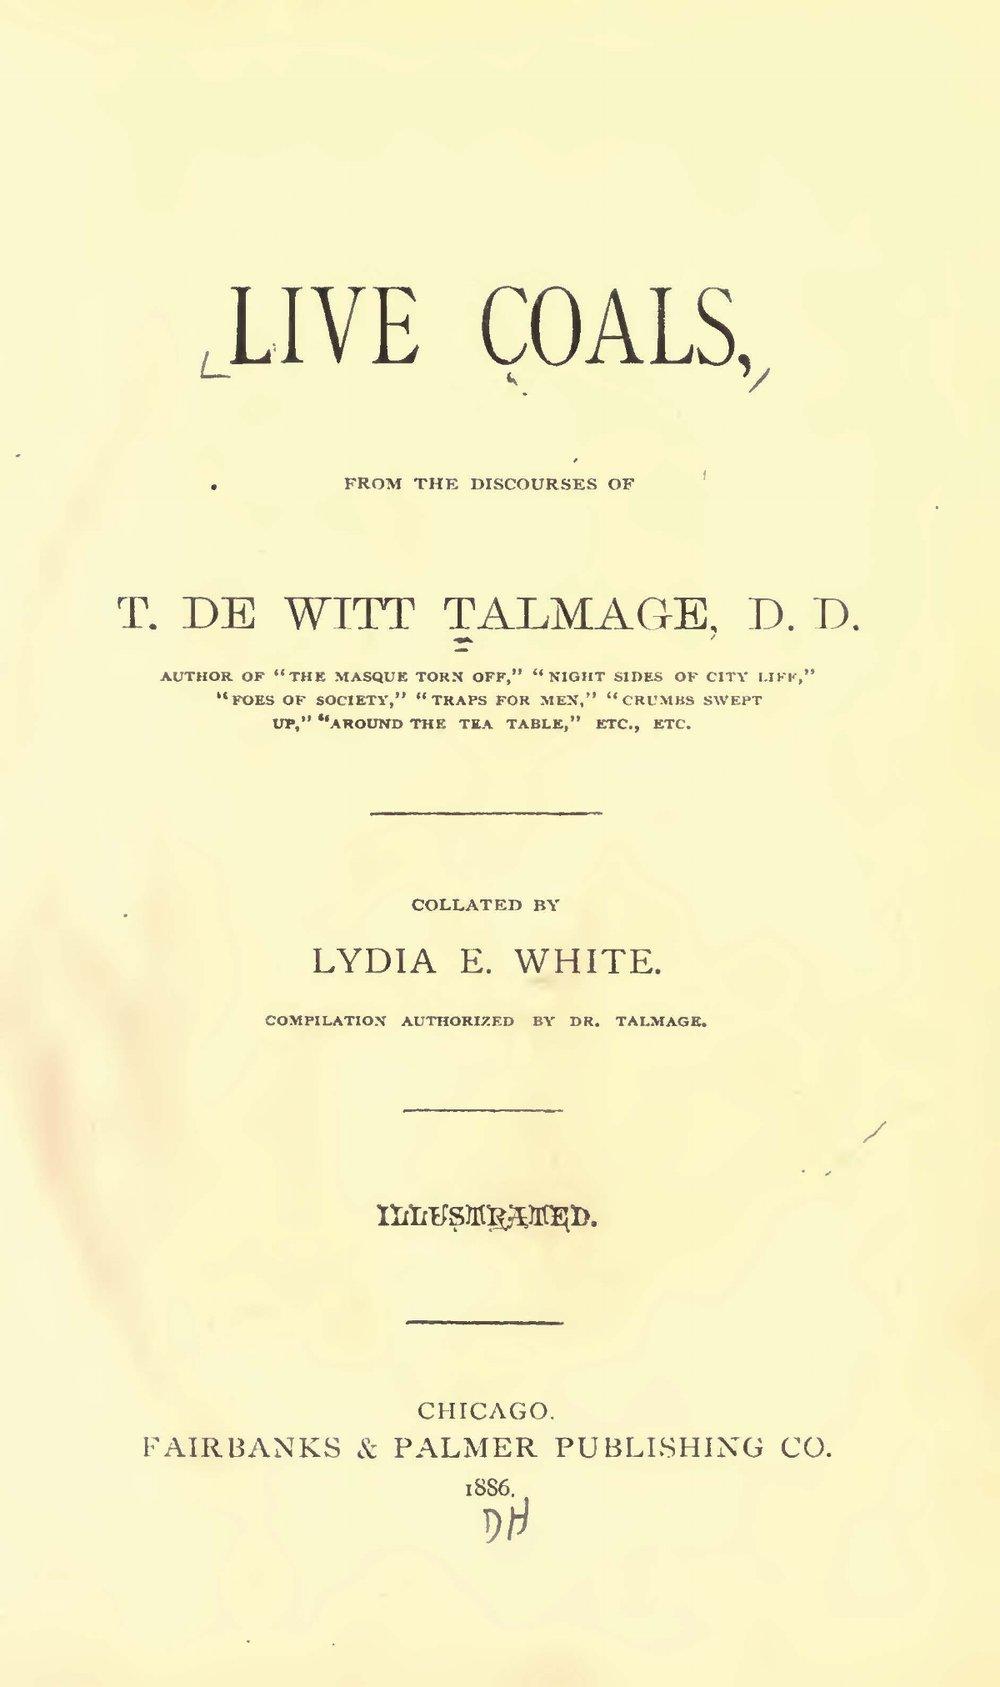 Talmage, Thomas De Witt, Live Coals Title Page.jpg